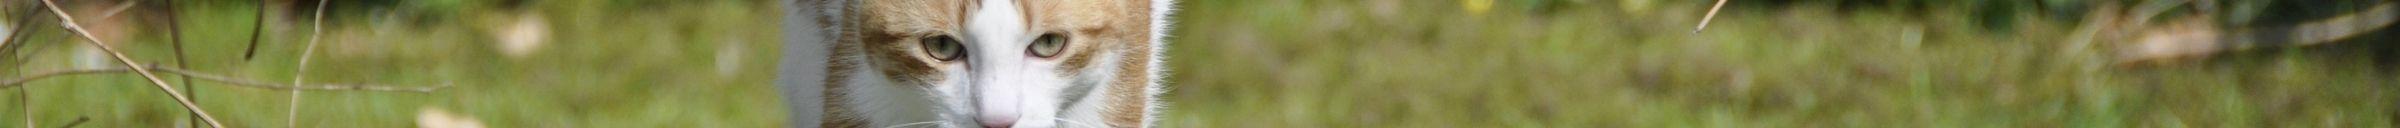 kintone ポータル スペース カバー画像(猫シリーズ)147